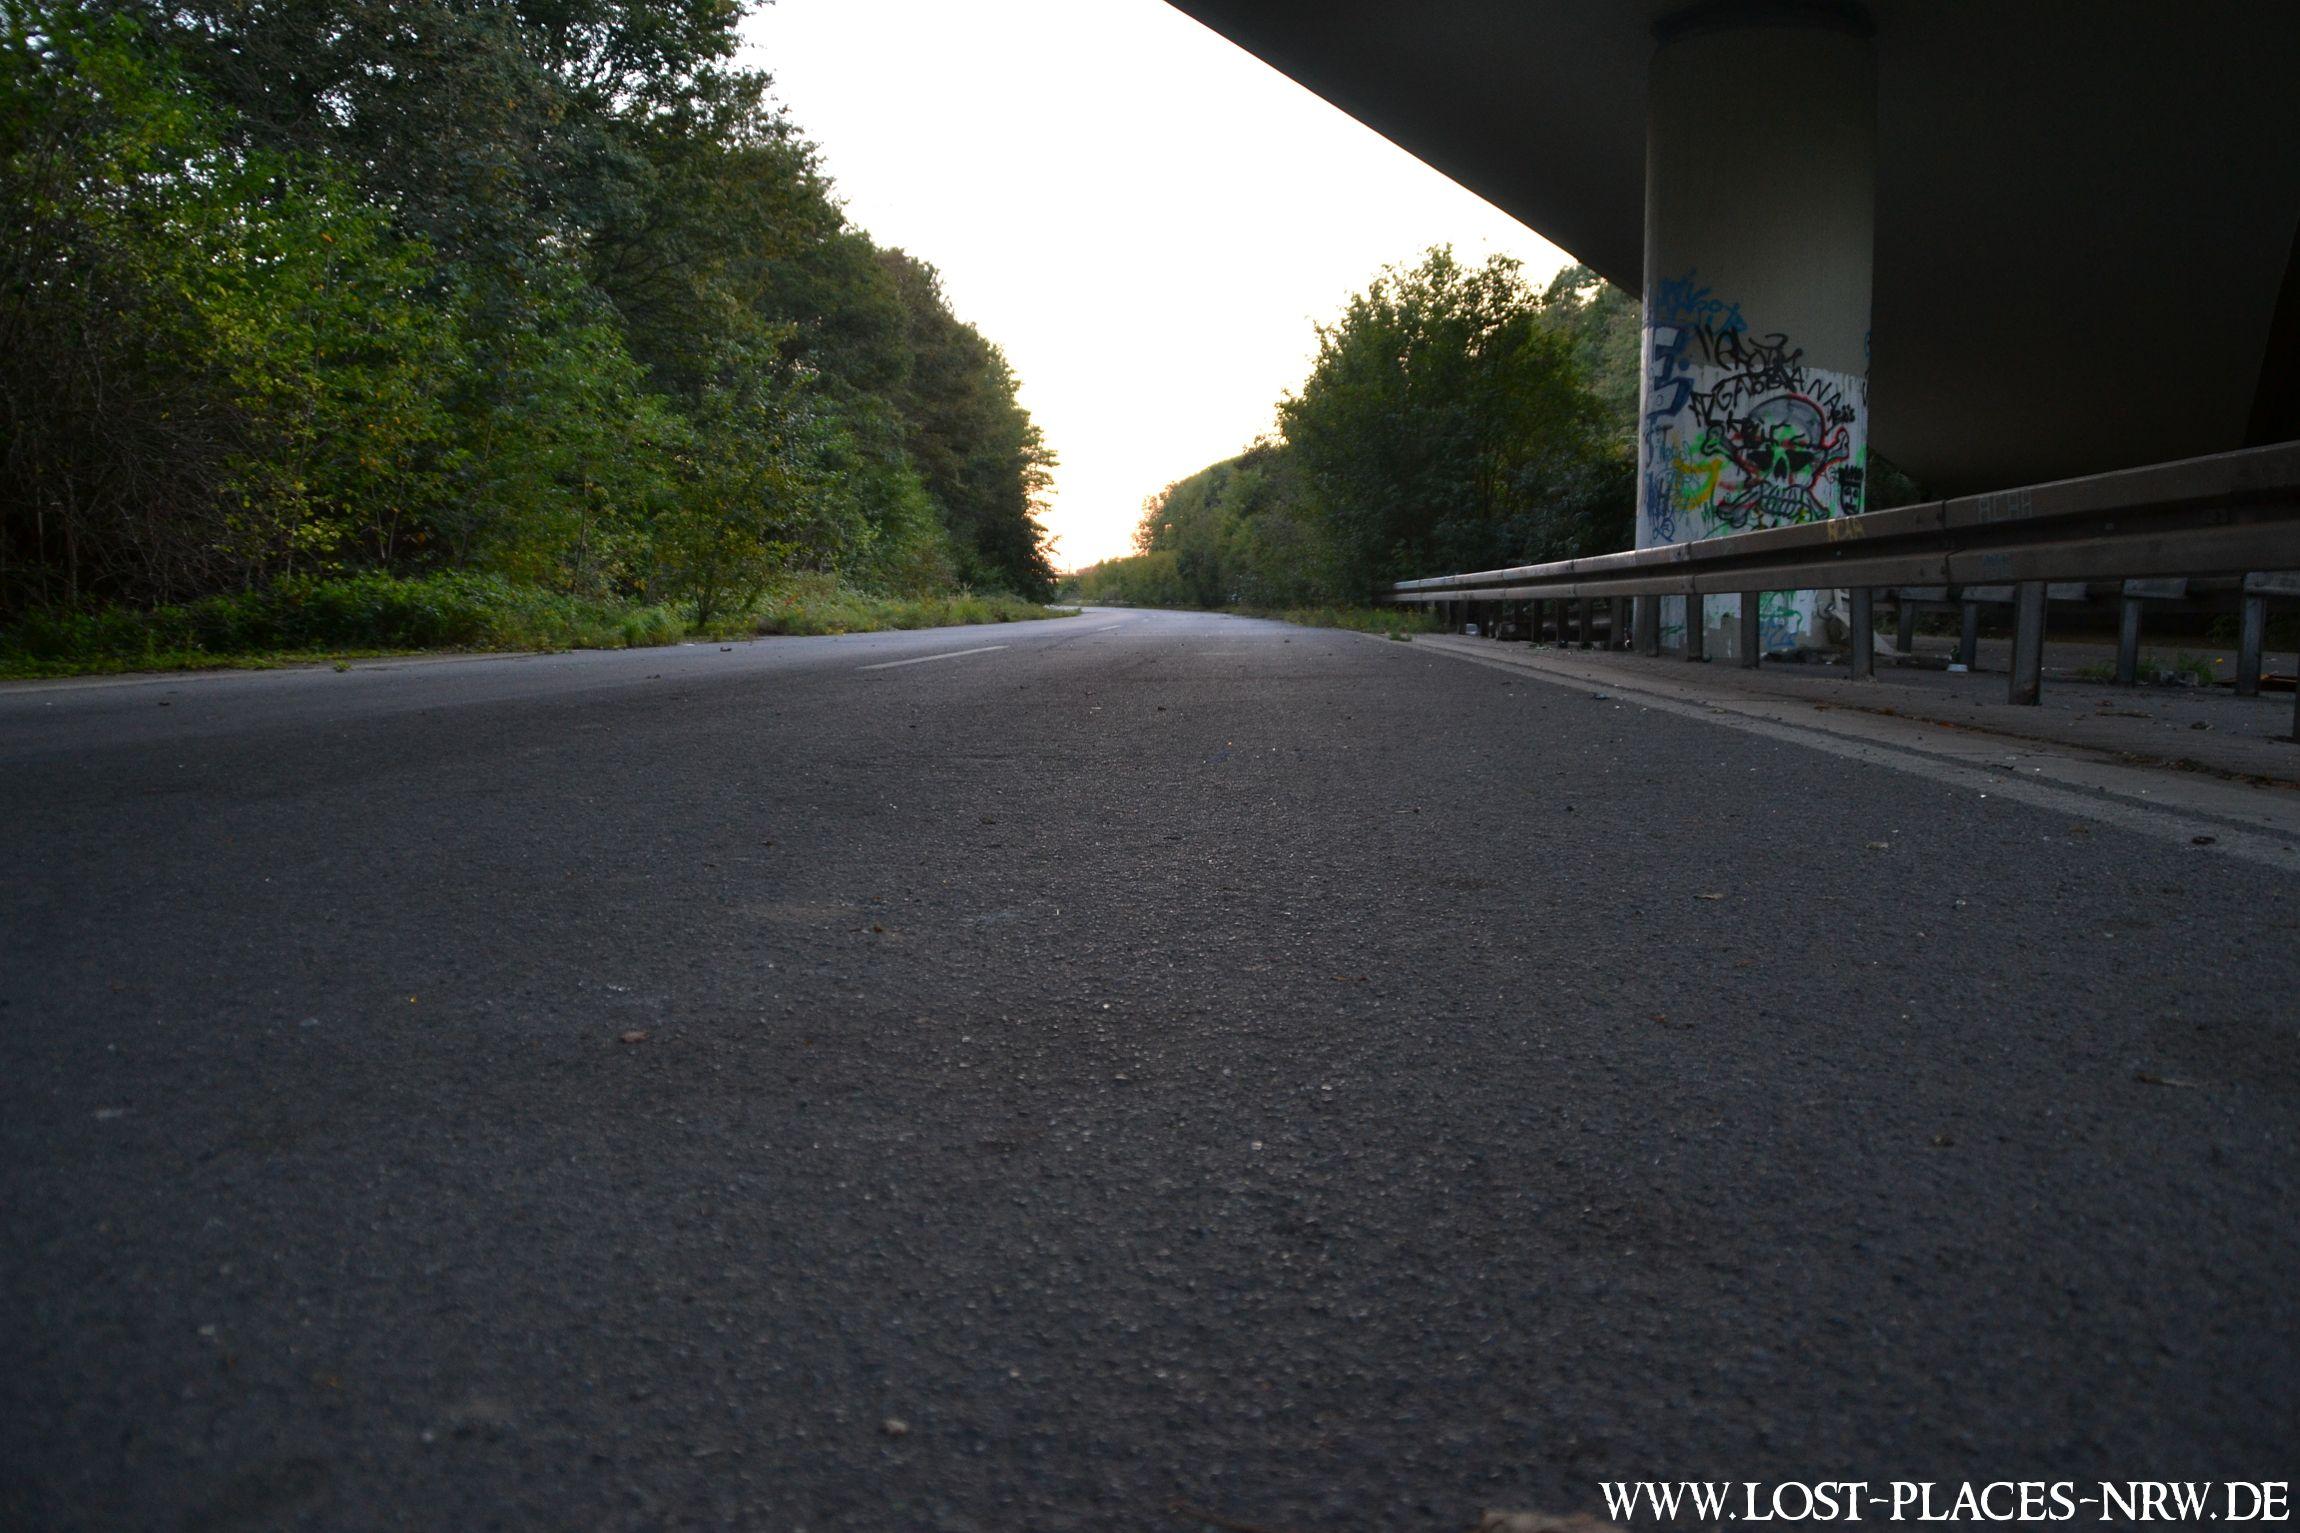 Verlassene Autobahn ehemaliges Autobahnkreuz in NRW LostPlaces Urbexfotografie nrw Verlassene Autobahn